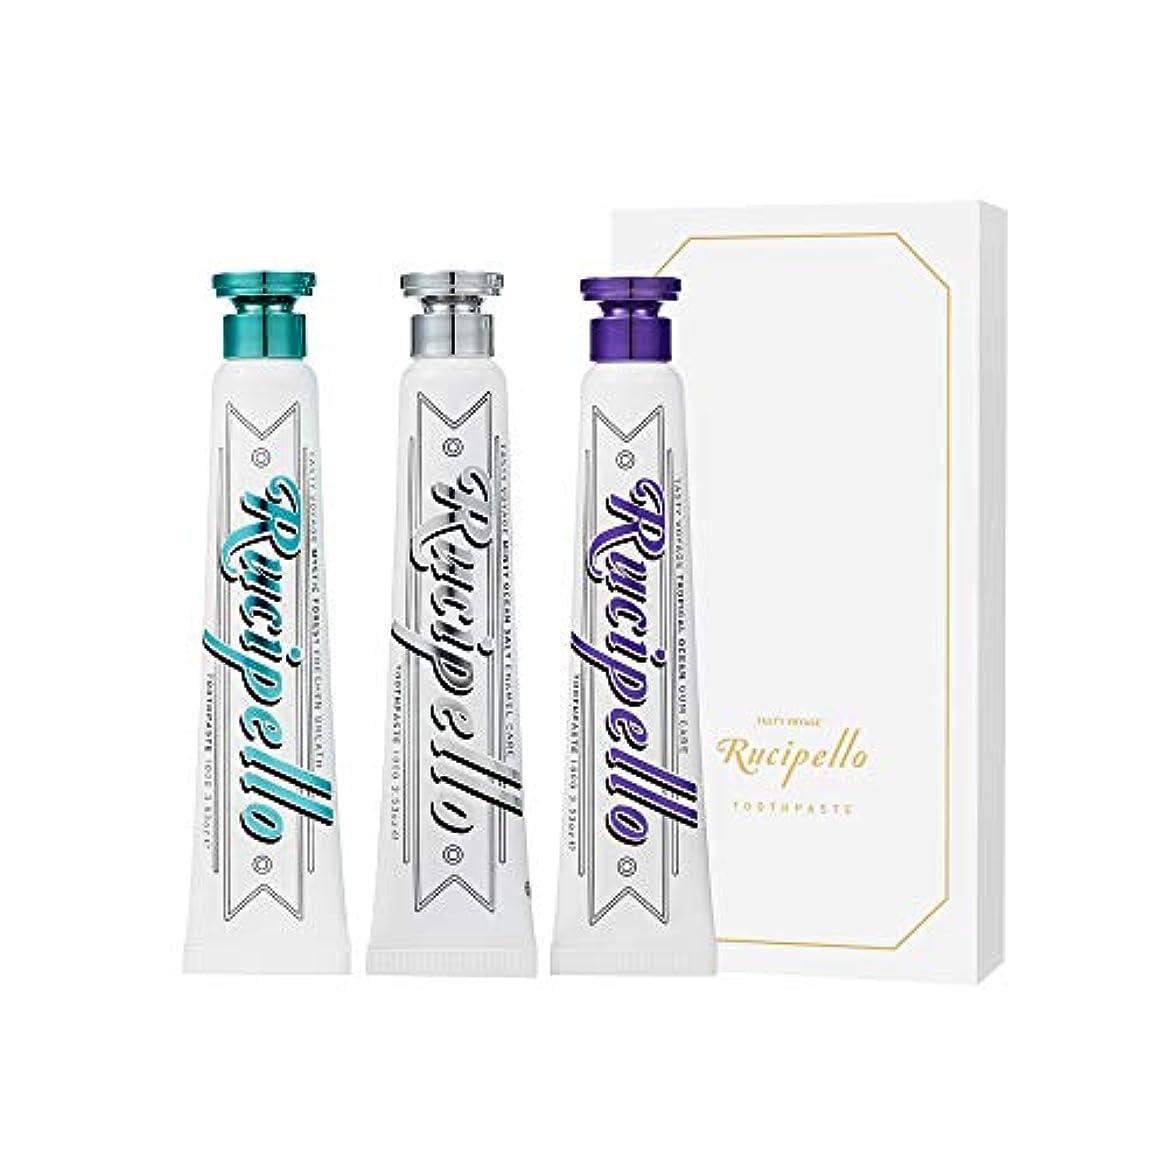 呼ぶプロフィール倒錯[ルチペッロ] Rucipello 歯磨き粉3種のプレゼントセット 100g x 3 本 (海外直送品)